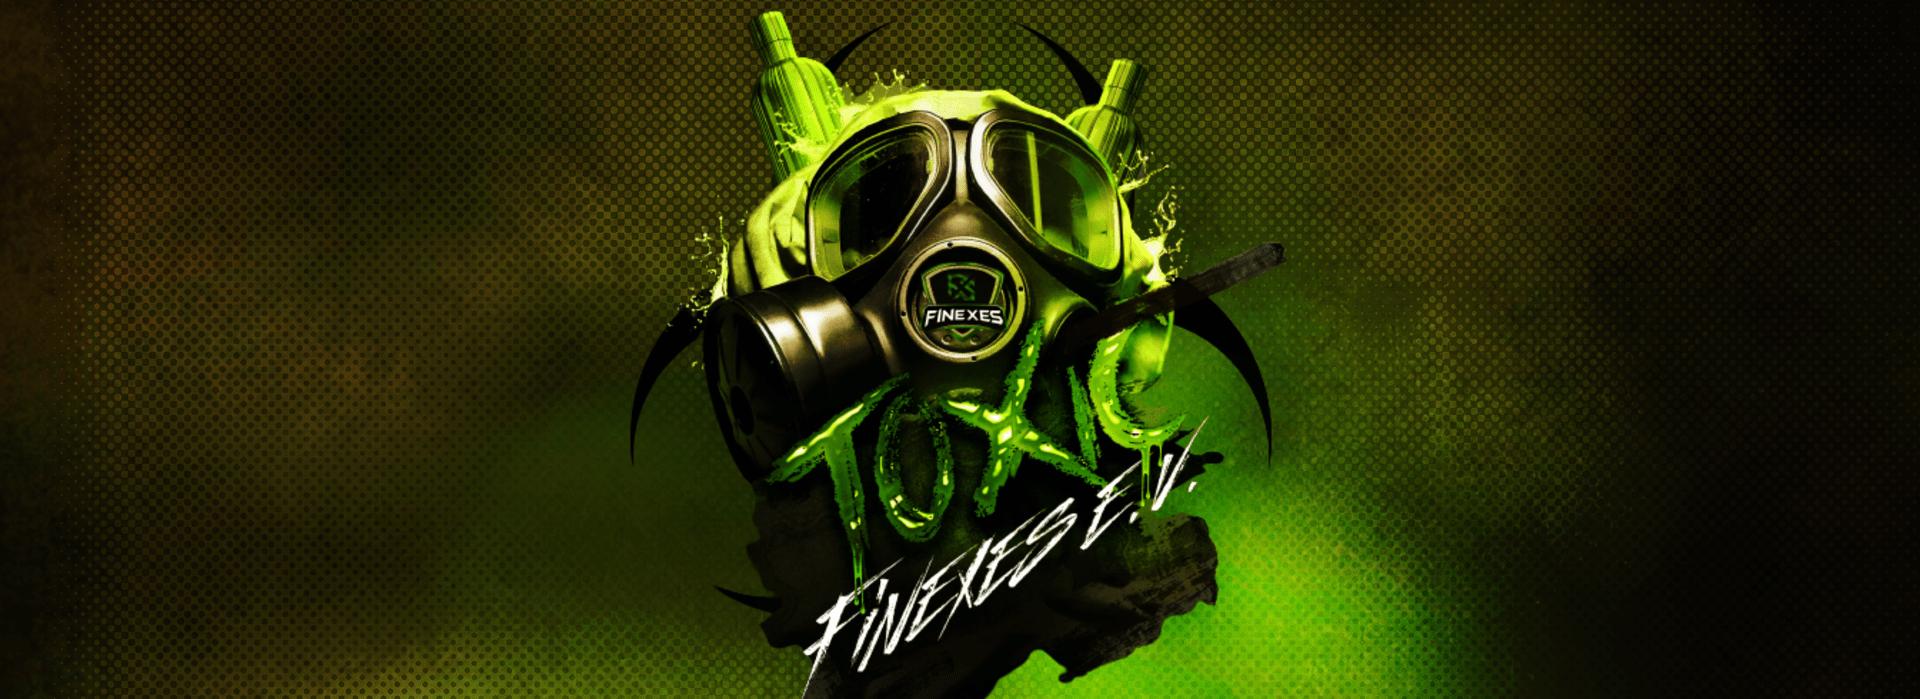 FXS_Toxic_Team_Banner_v1.png